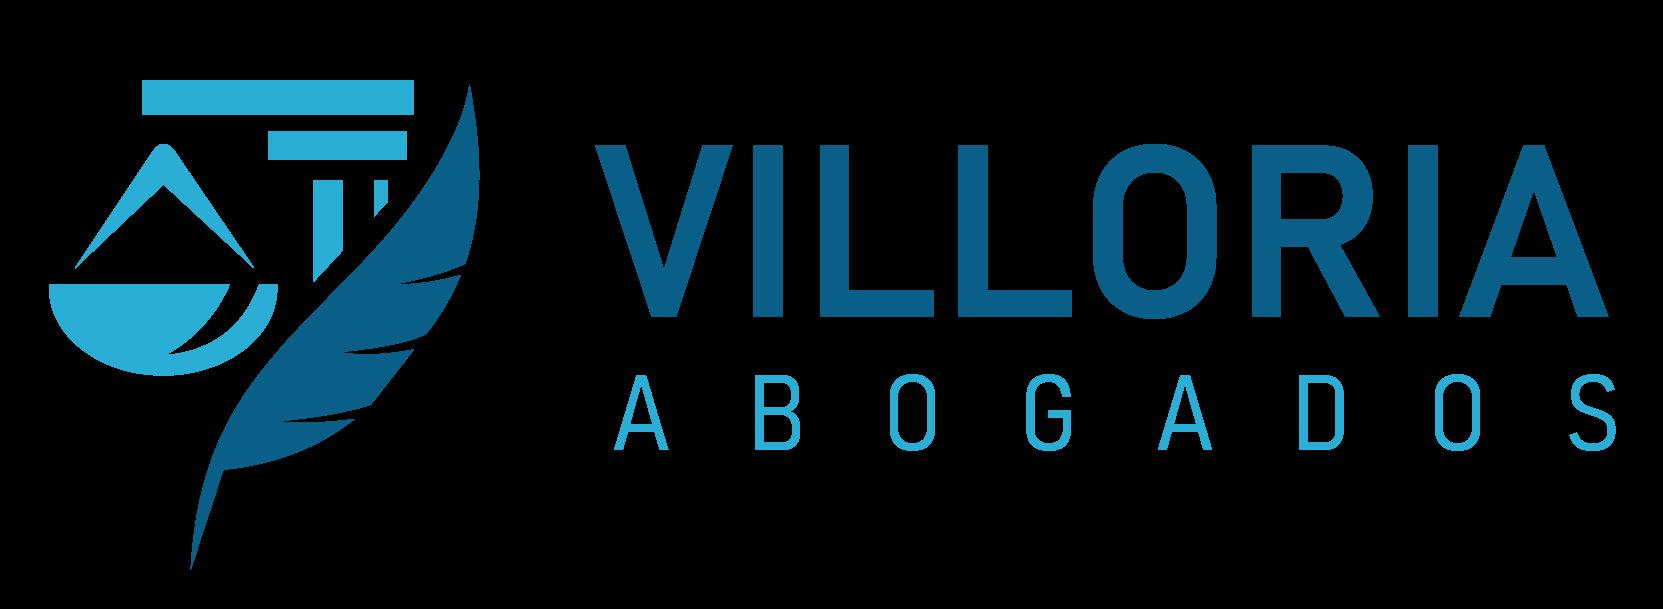 LOGO VILLORIA ABOGADOS AI-01